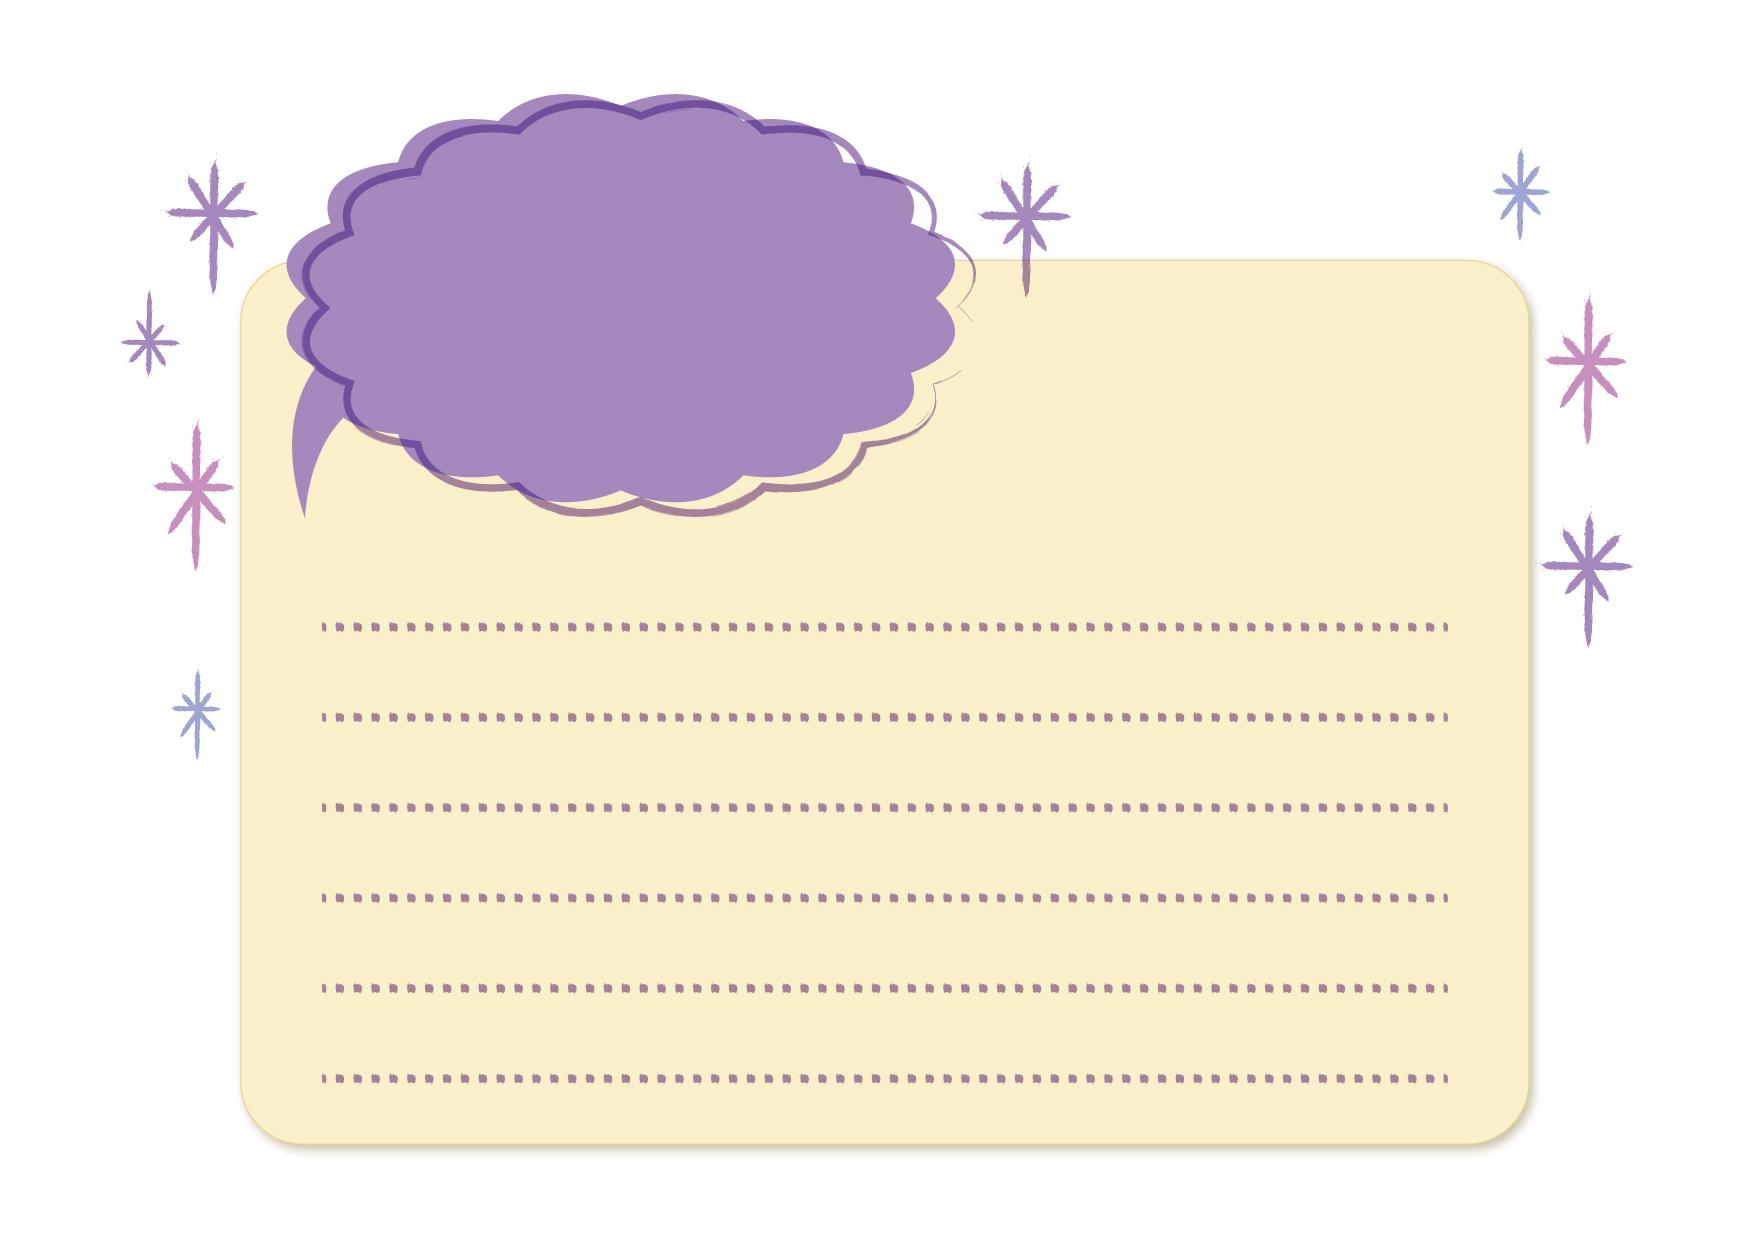 可愛いイラスト無料|ノート 吹き出し 紫色 背景 − free illustration Notebook speech bubble purple background